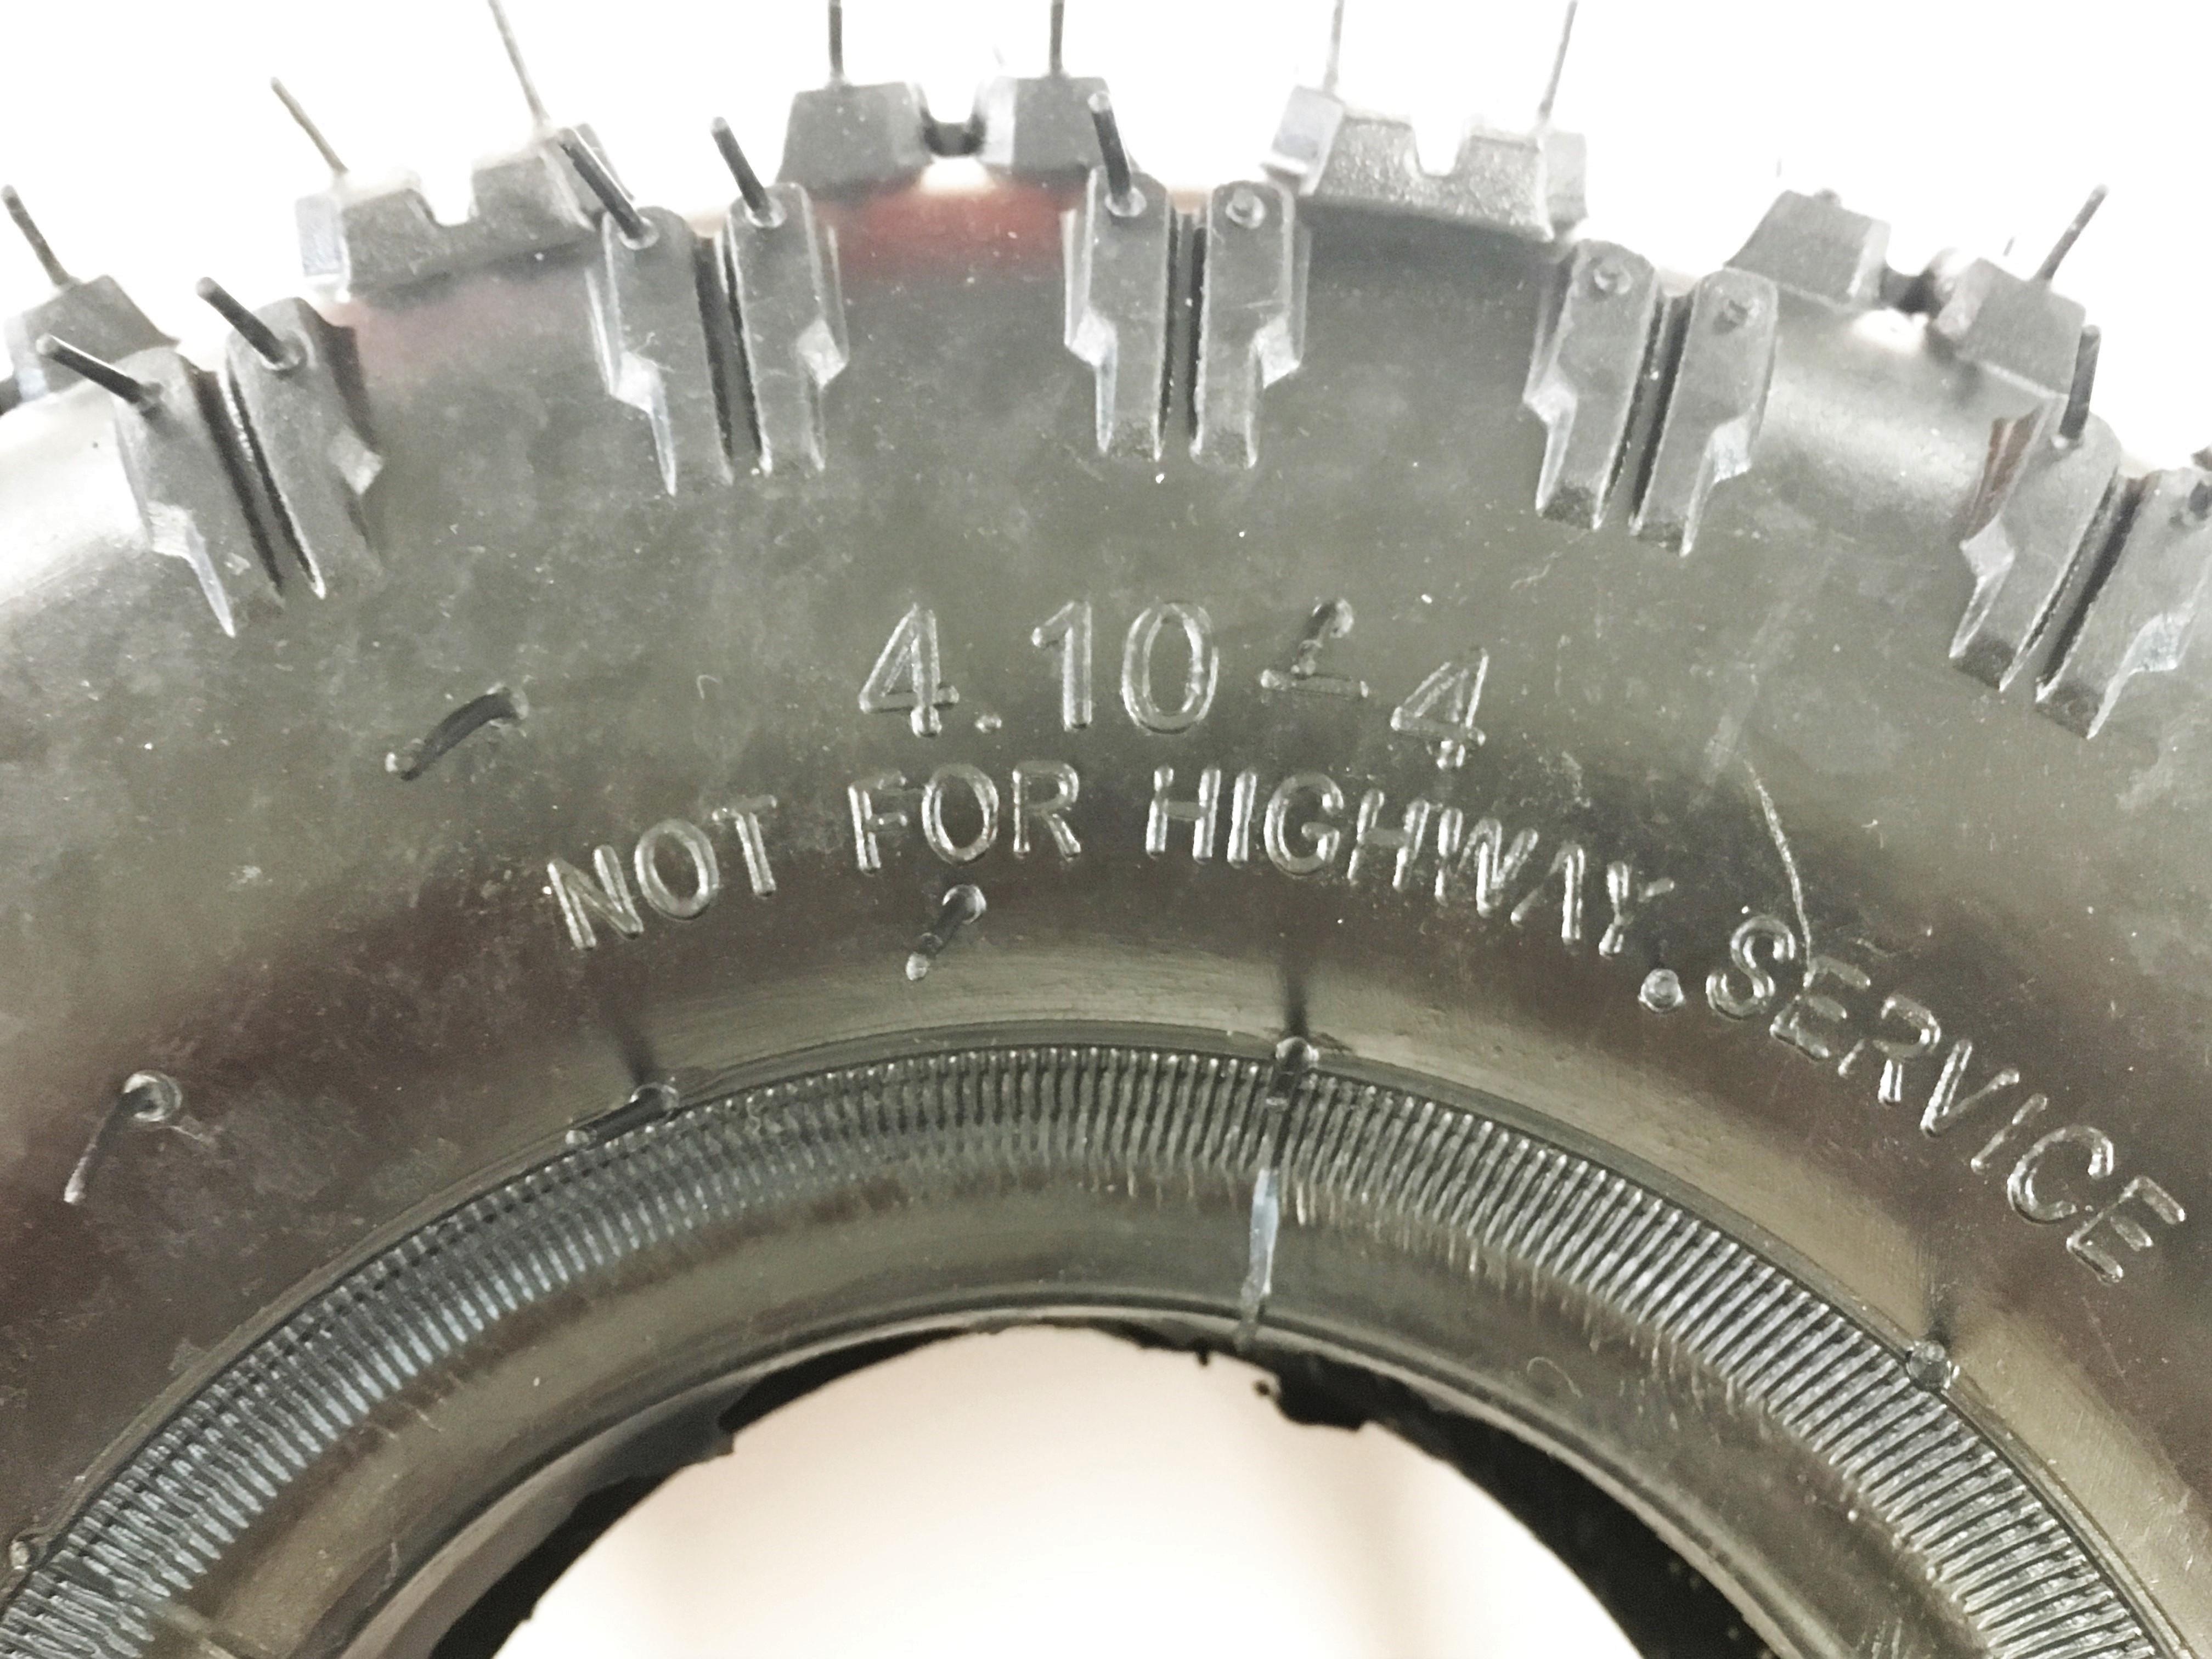 pneus-4-10-4-2